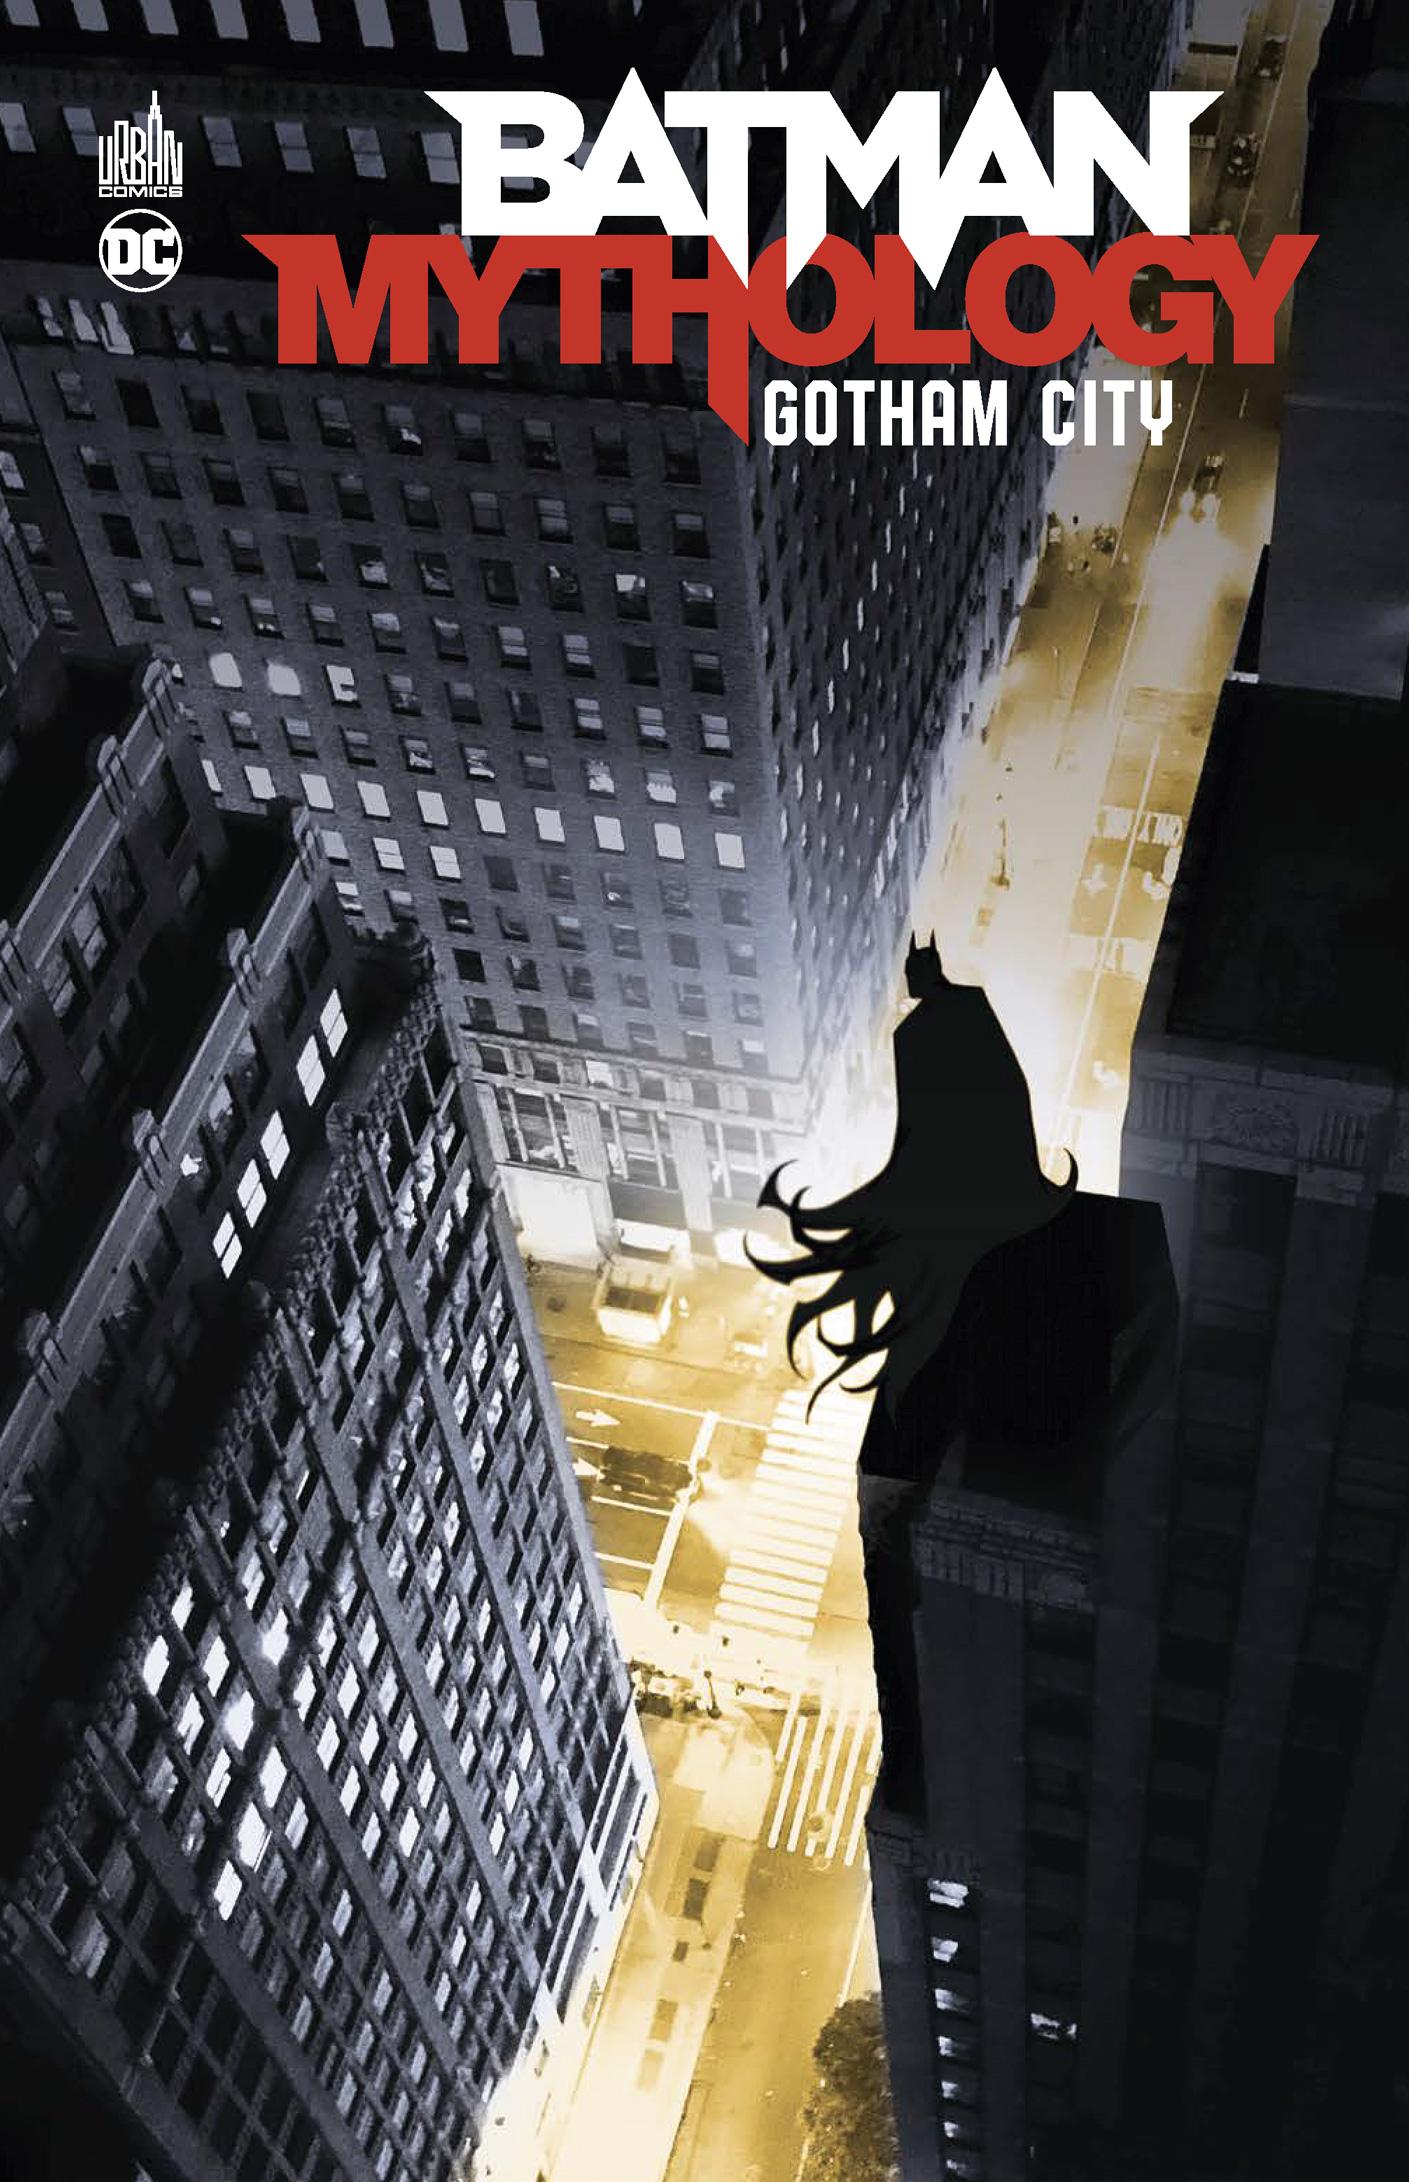 Batman Mythology - Gotham City 1